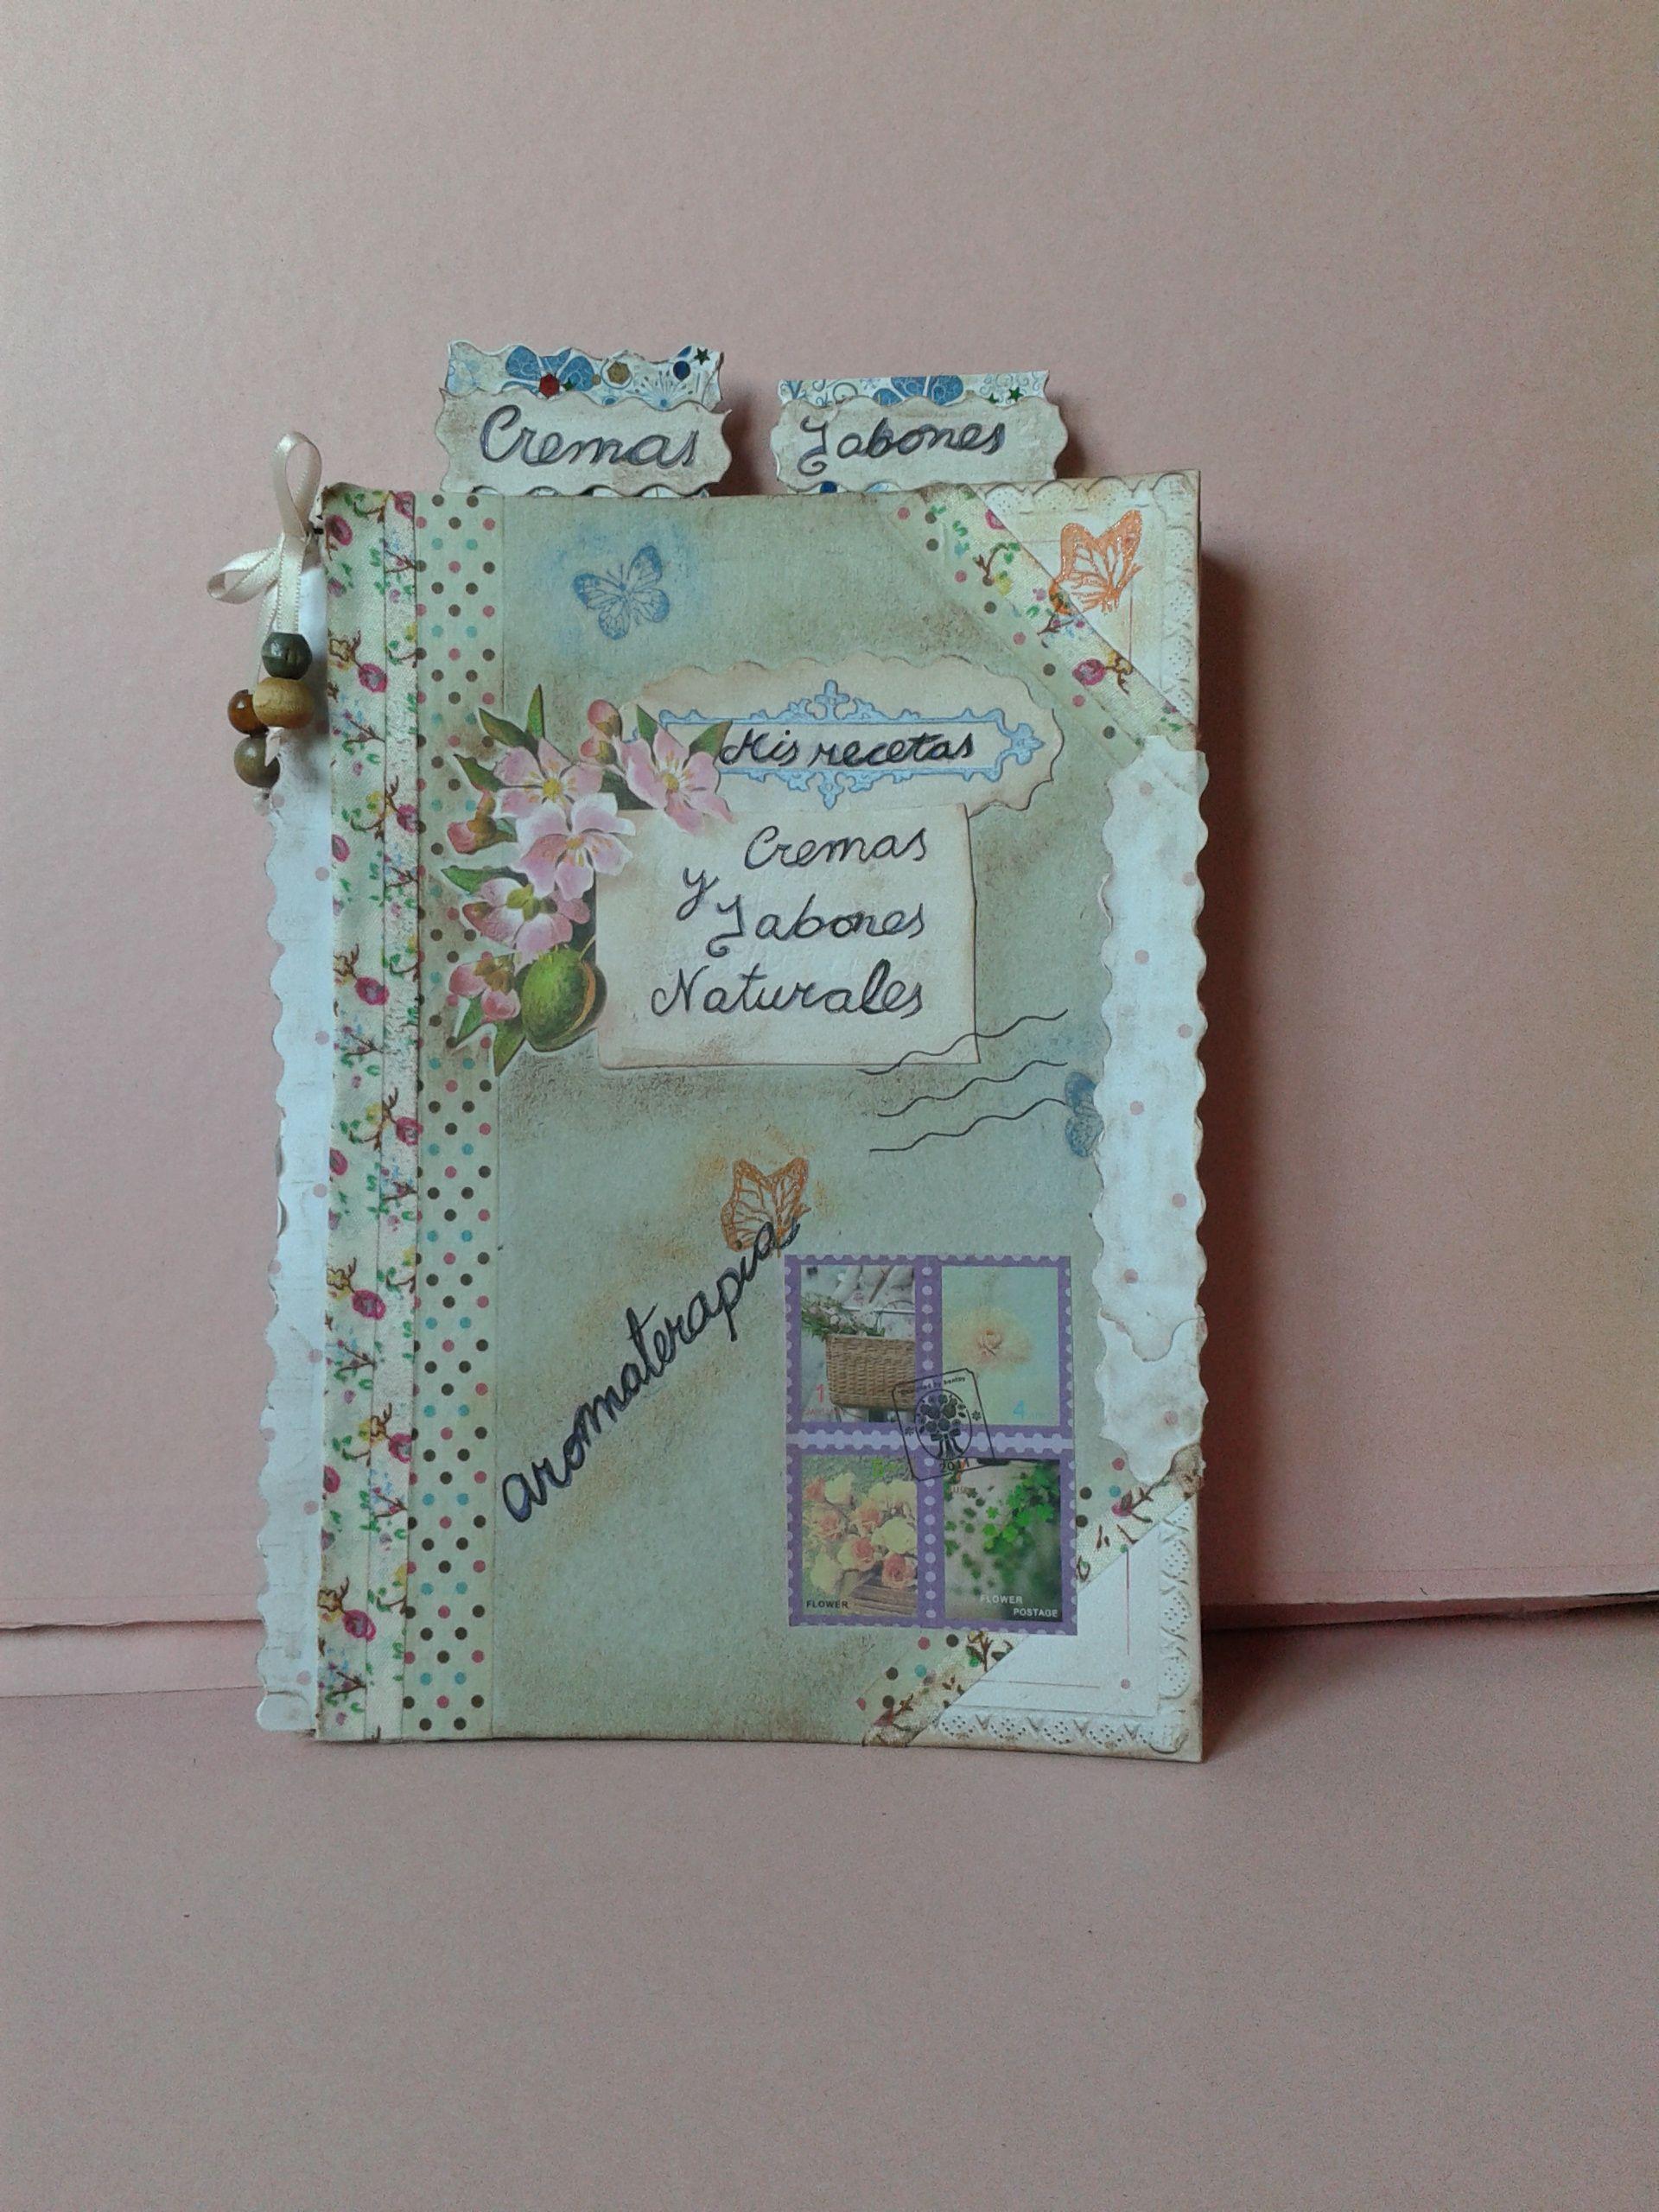 Cuaderno de recetas de cremas y jabones naturales de https://www.facebook.com/pages/La-Casita-Trepekaniansa/204914972887655?ref=hl